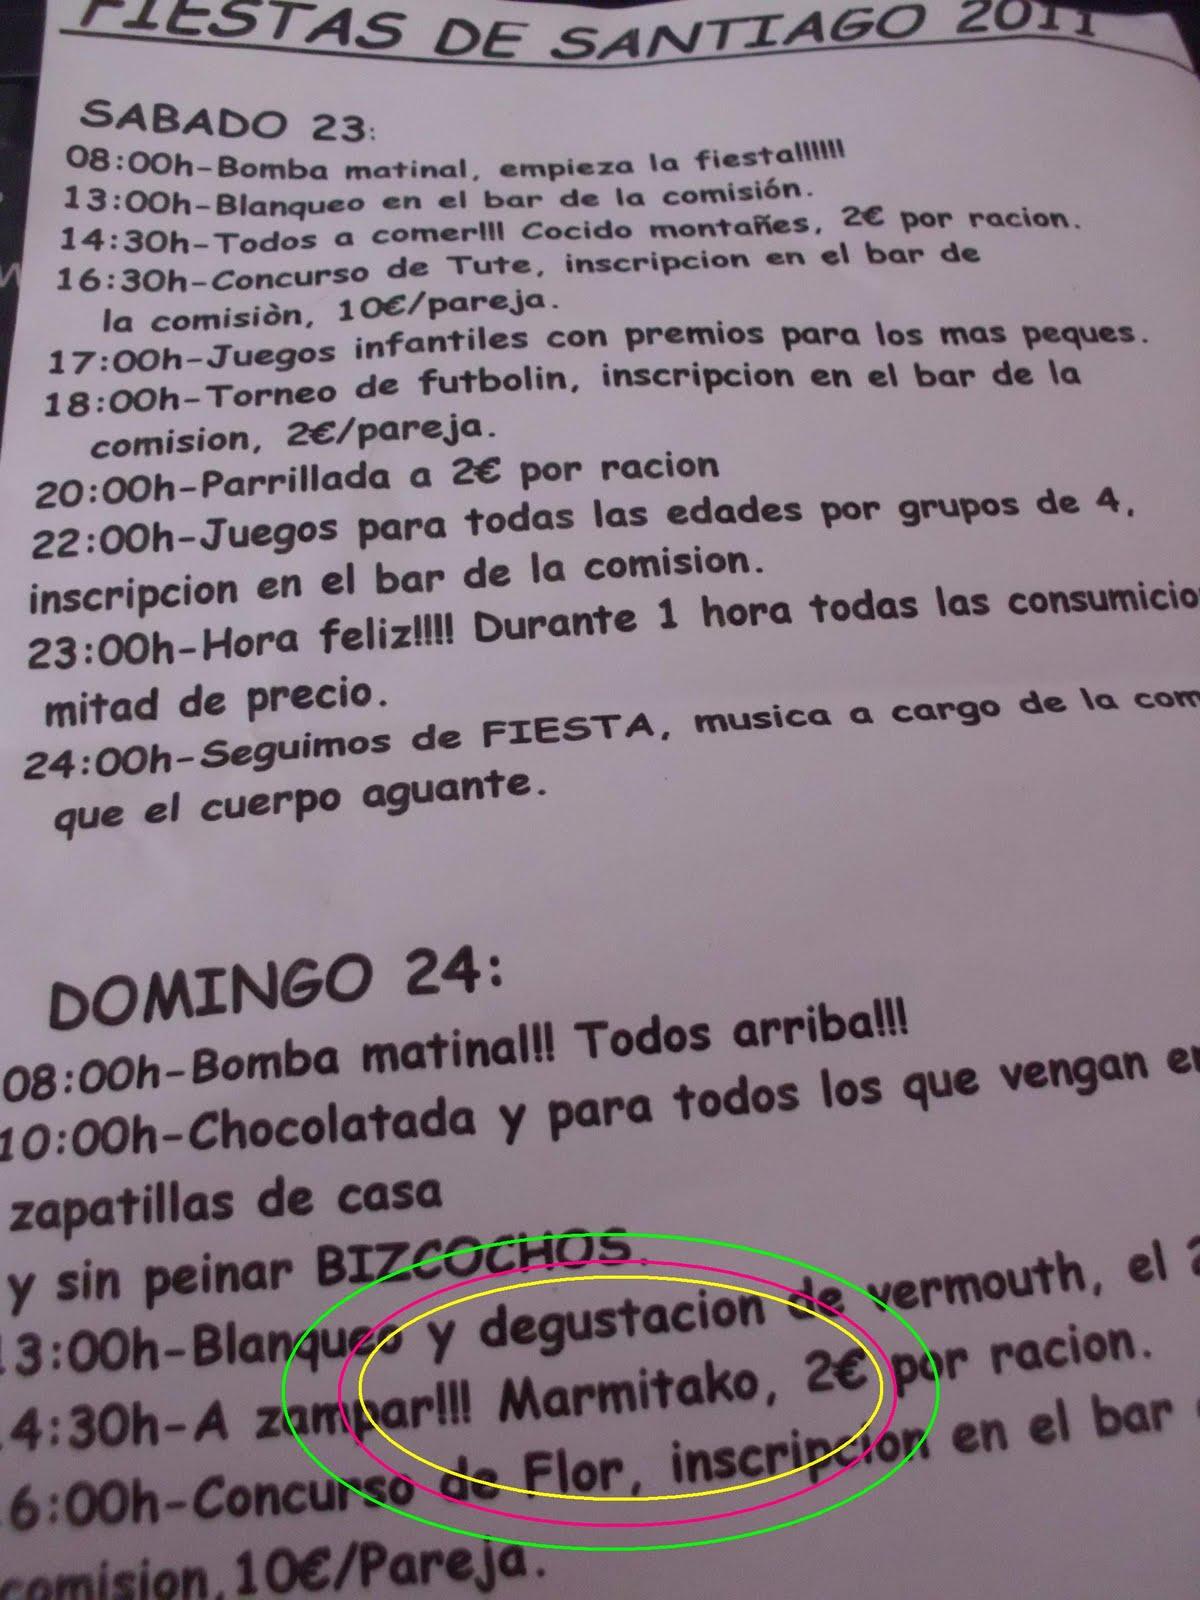 Programacion De Azteca 7 Para El Dia De Hoy